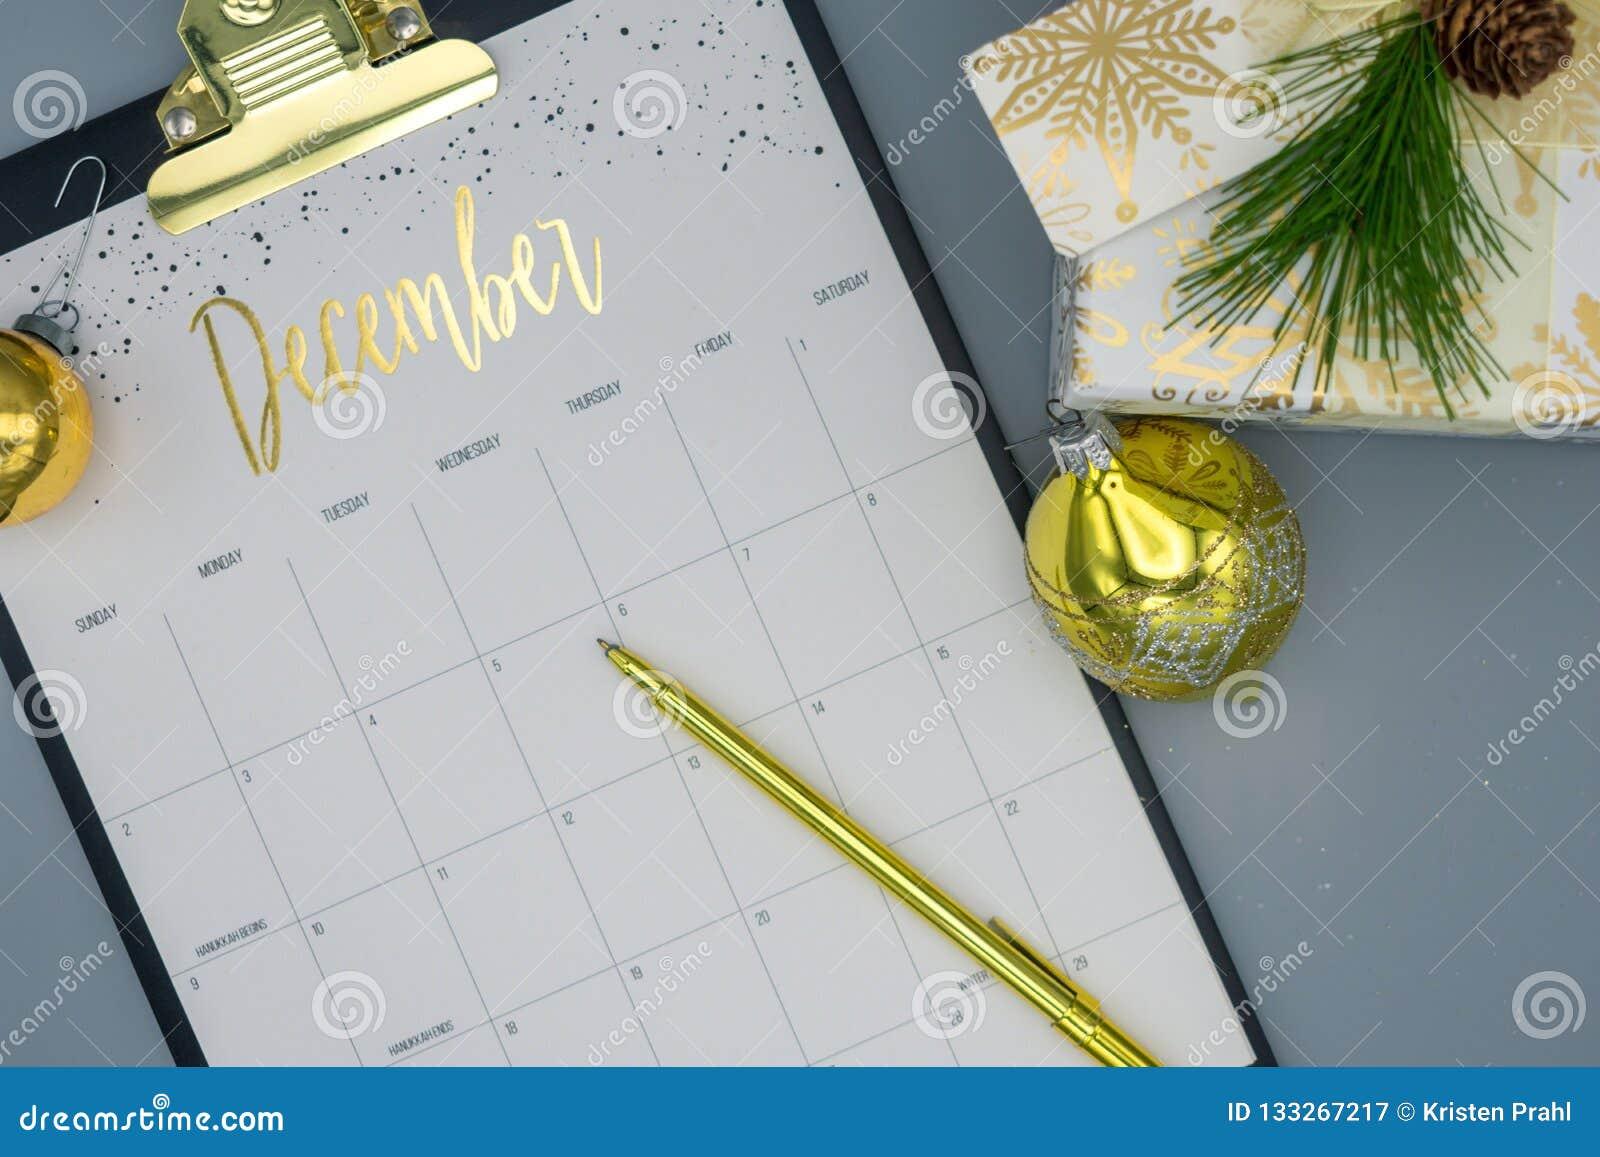 Acontecimientos de planificación para diciembre